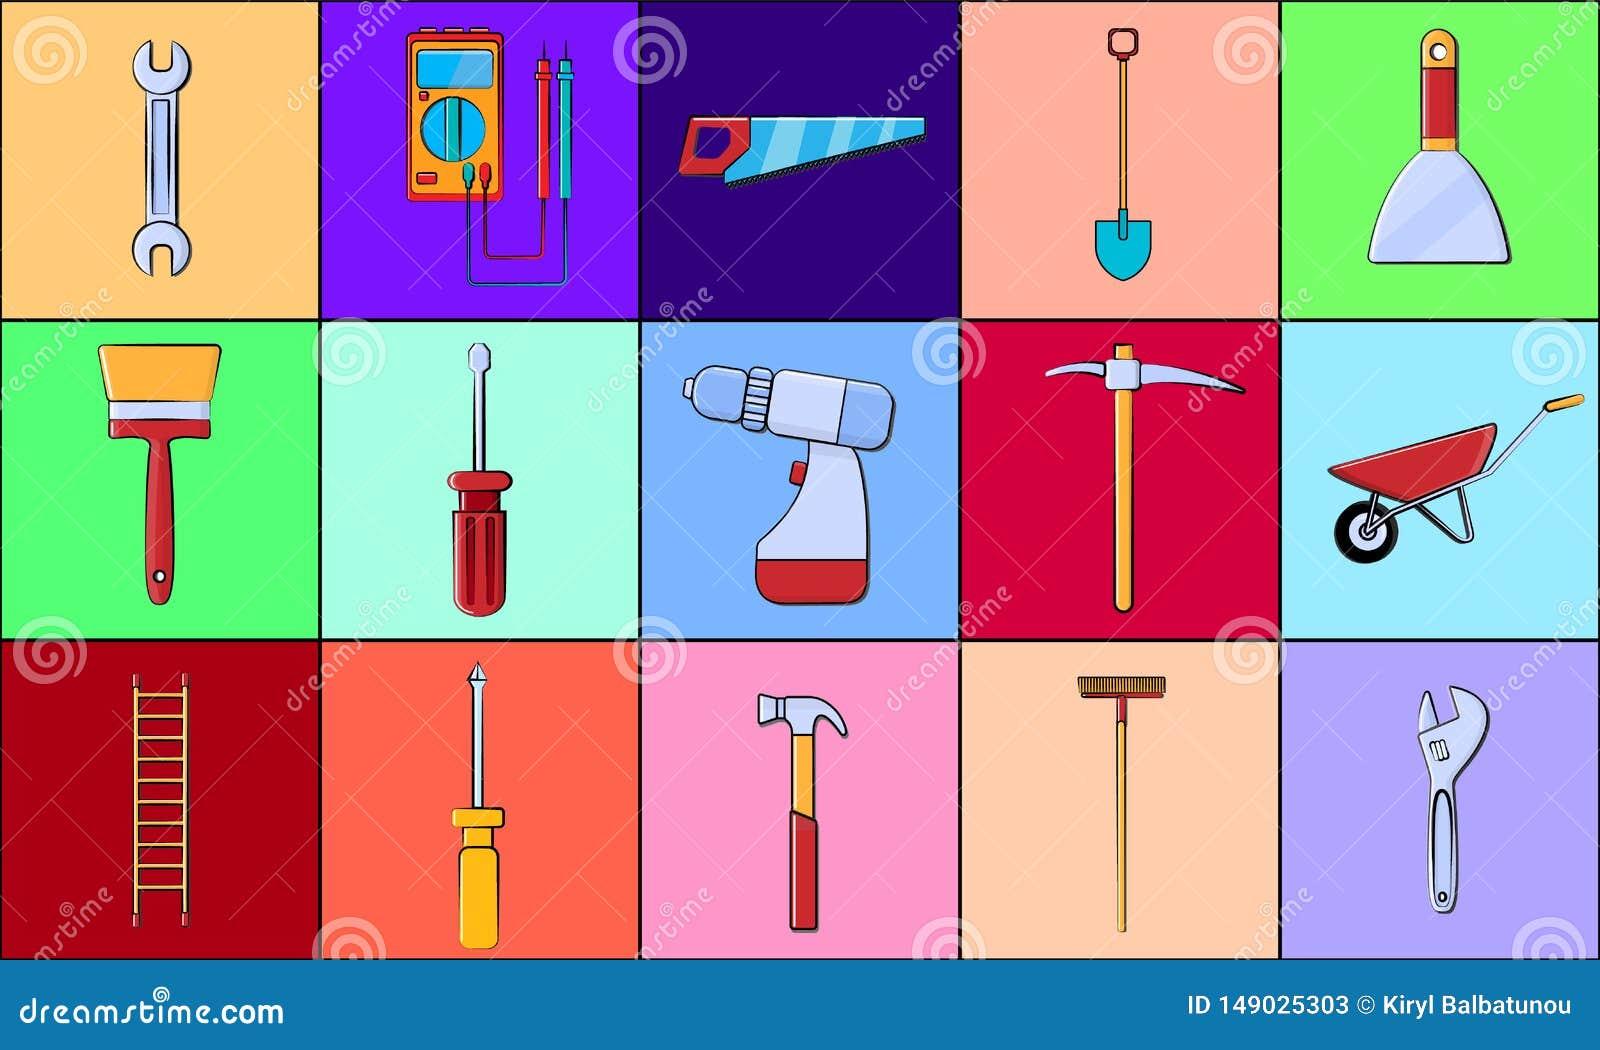 En stor uppsättning av objekt av konstruktionshjälpmedelsymboler för hem- reparationsskruvmejslar, skiftnycklar, hammare, stegar,